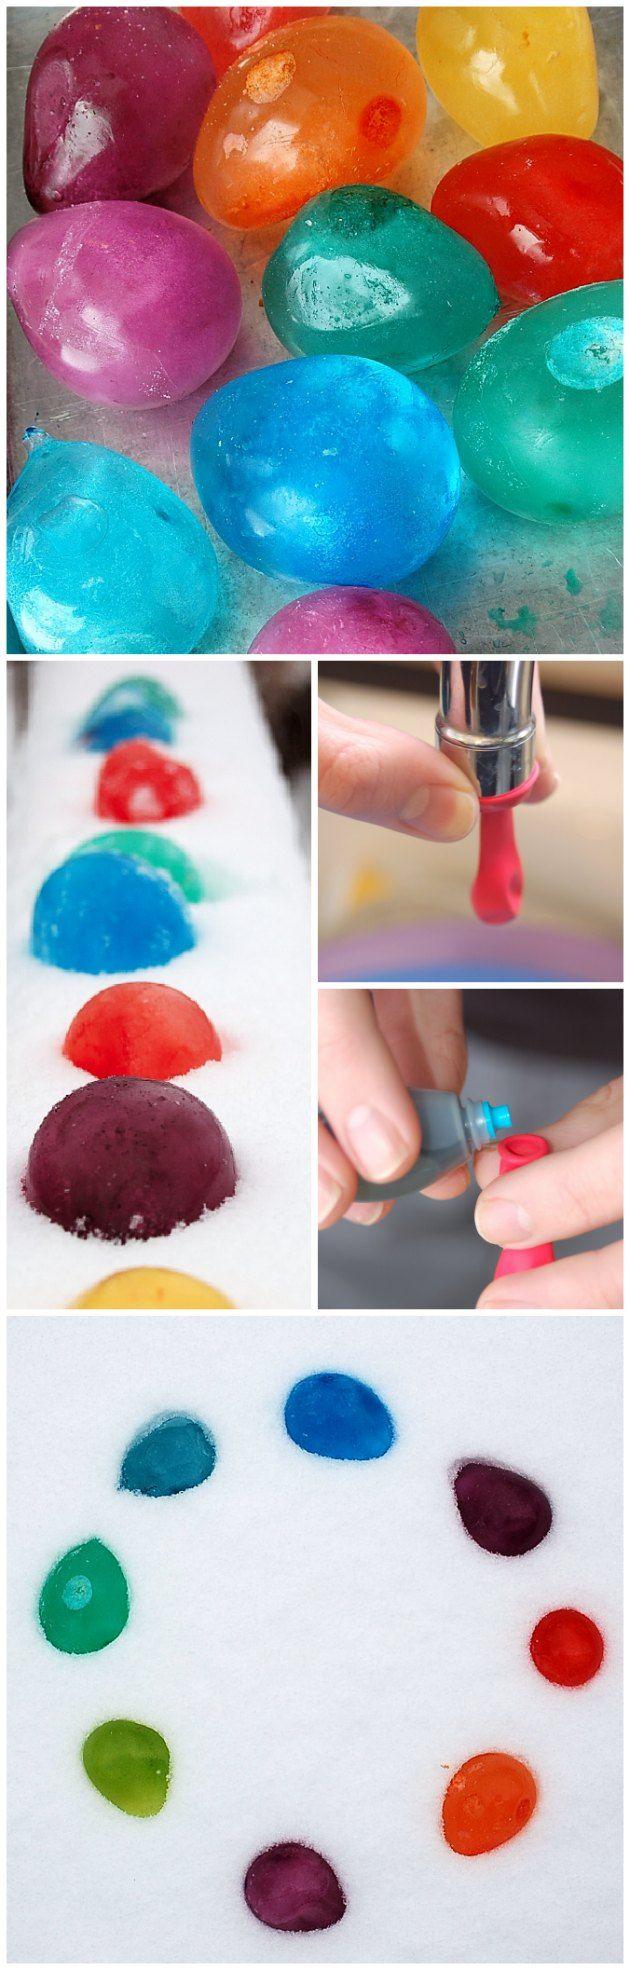 Sjov i soppebassinet - balloner der fryses med vand og frugtfarve